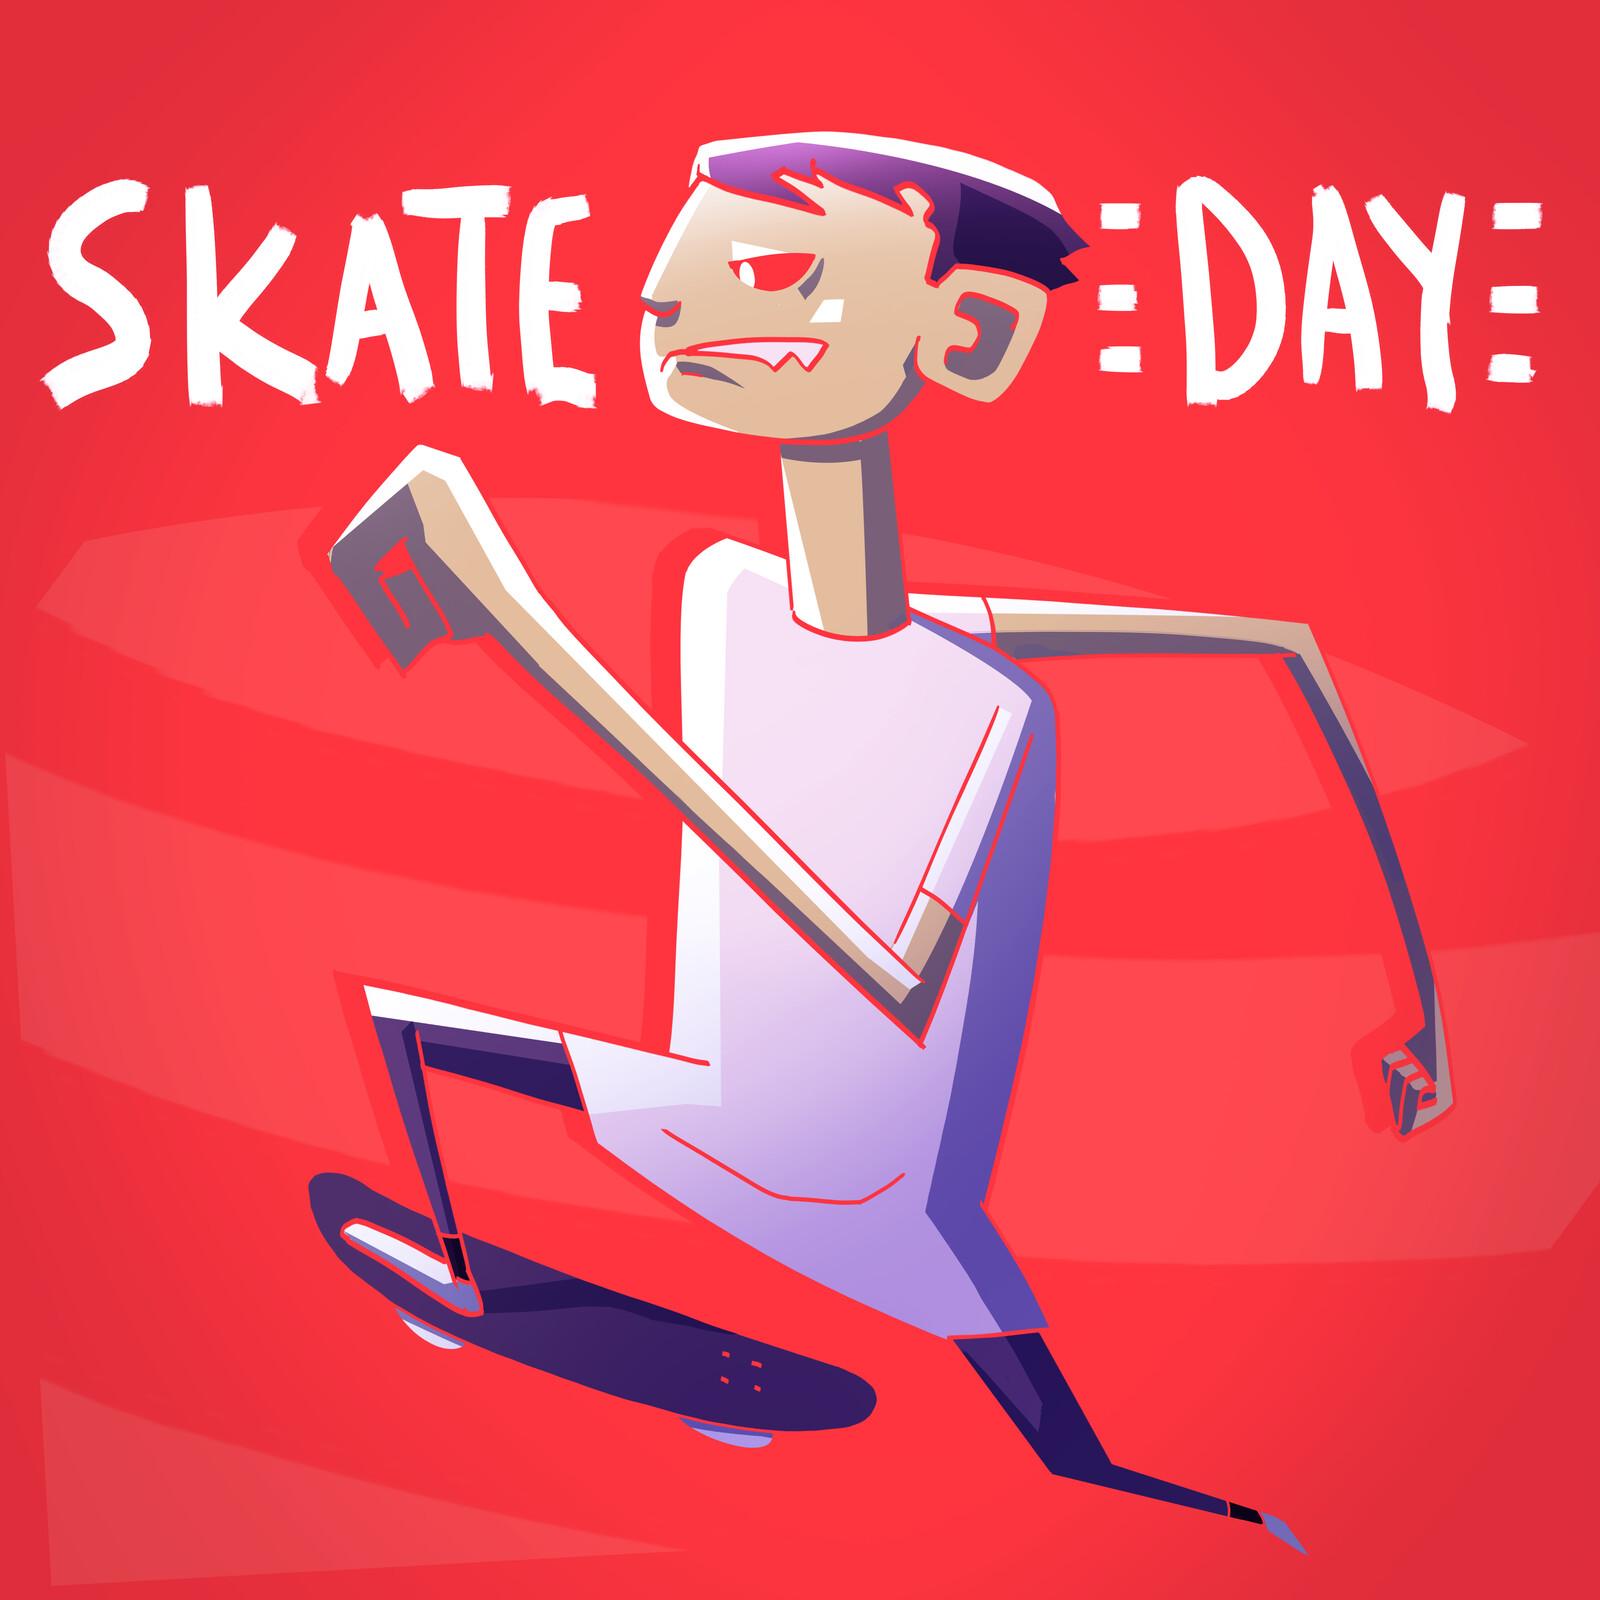 Go Skateboarding day 2019 -  illustration.